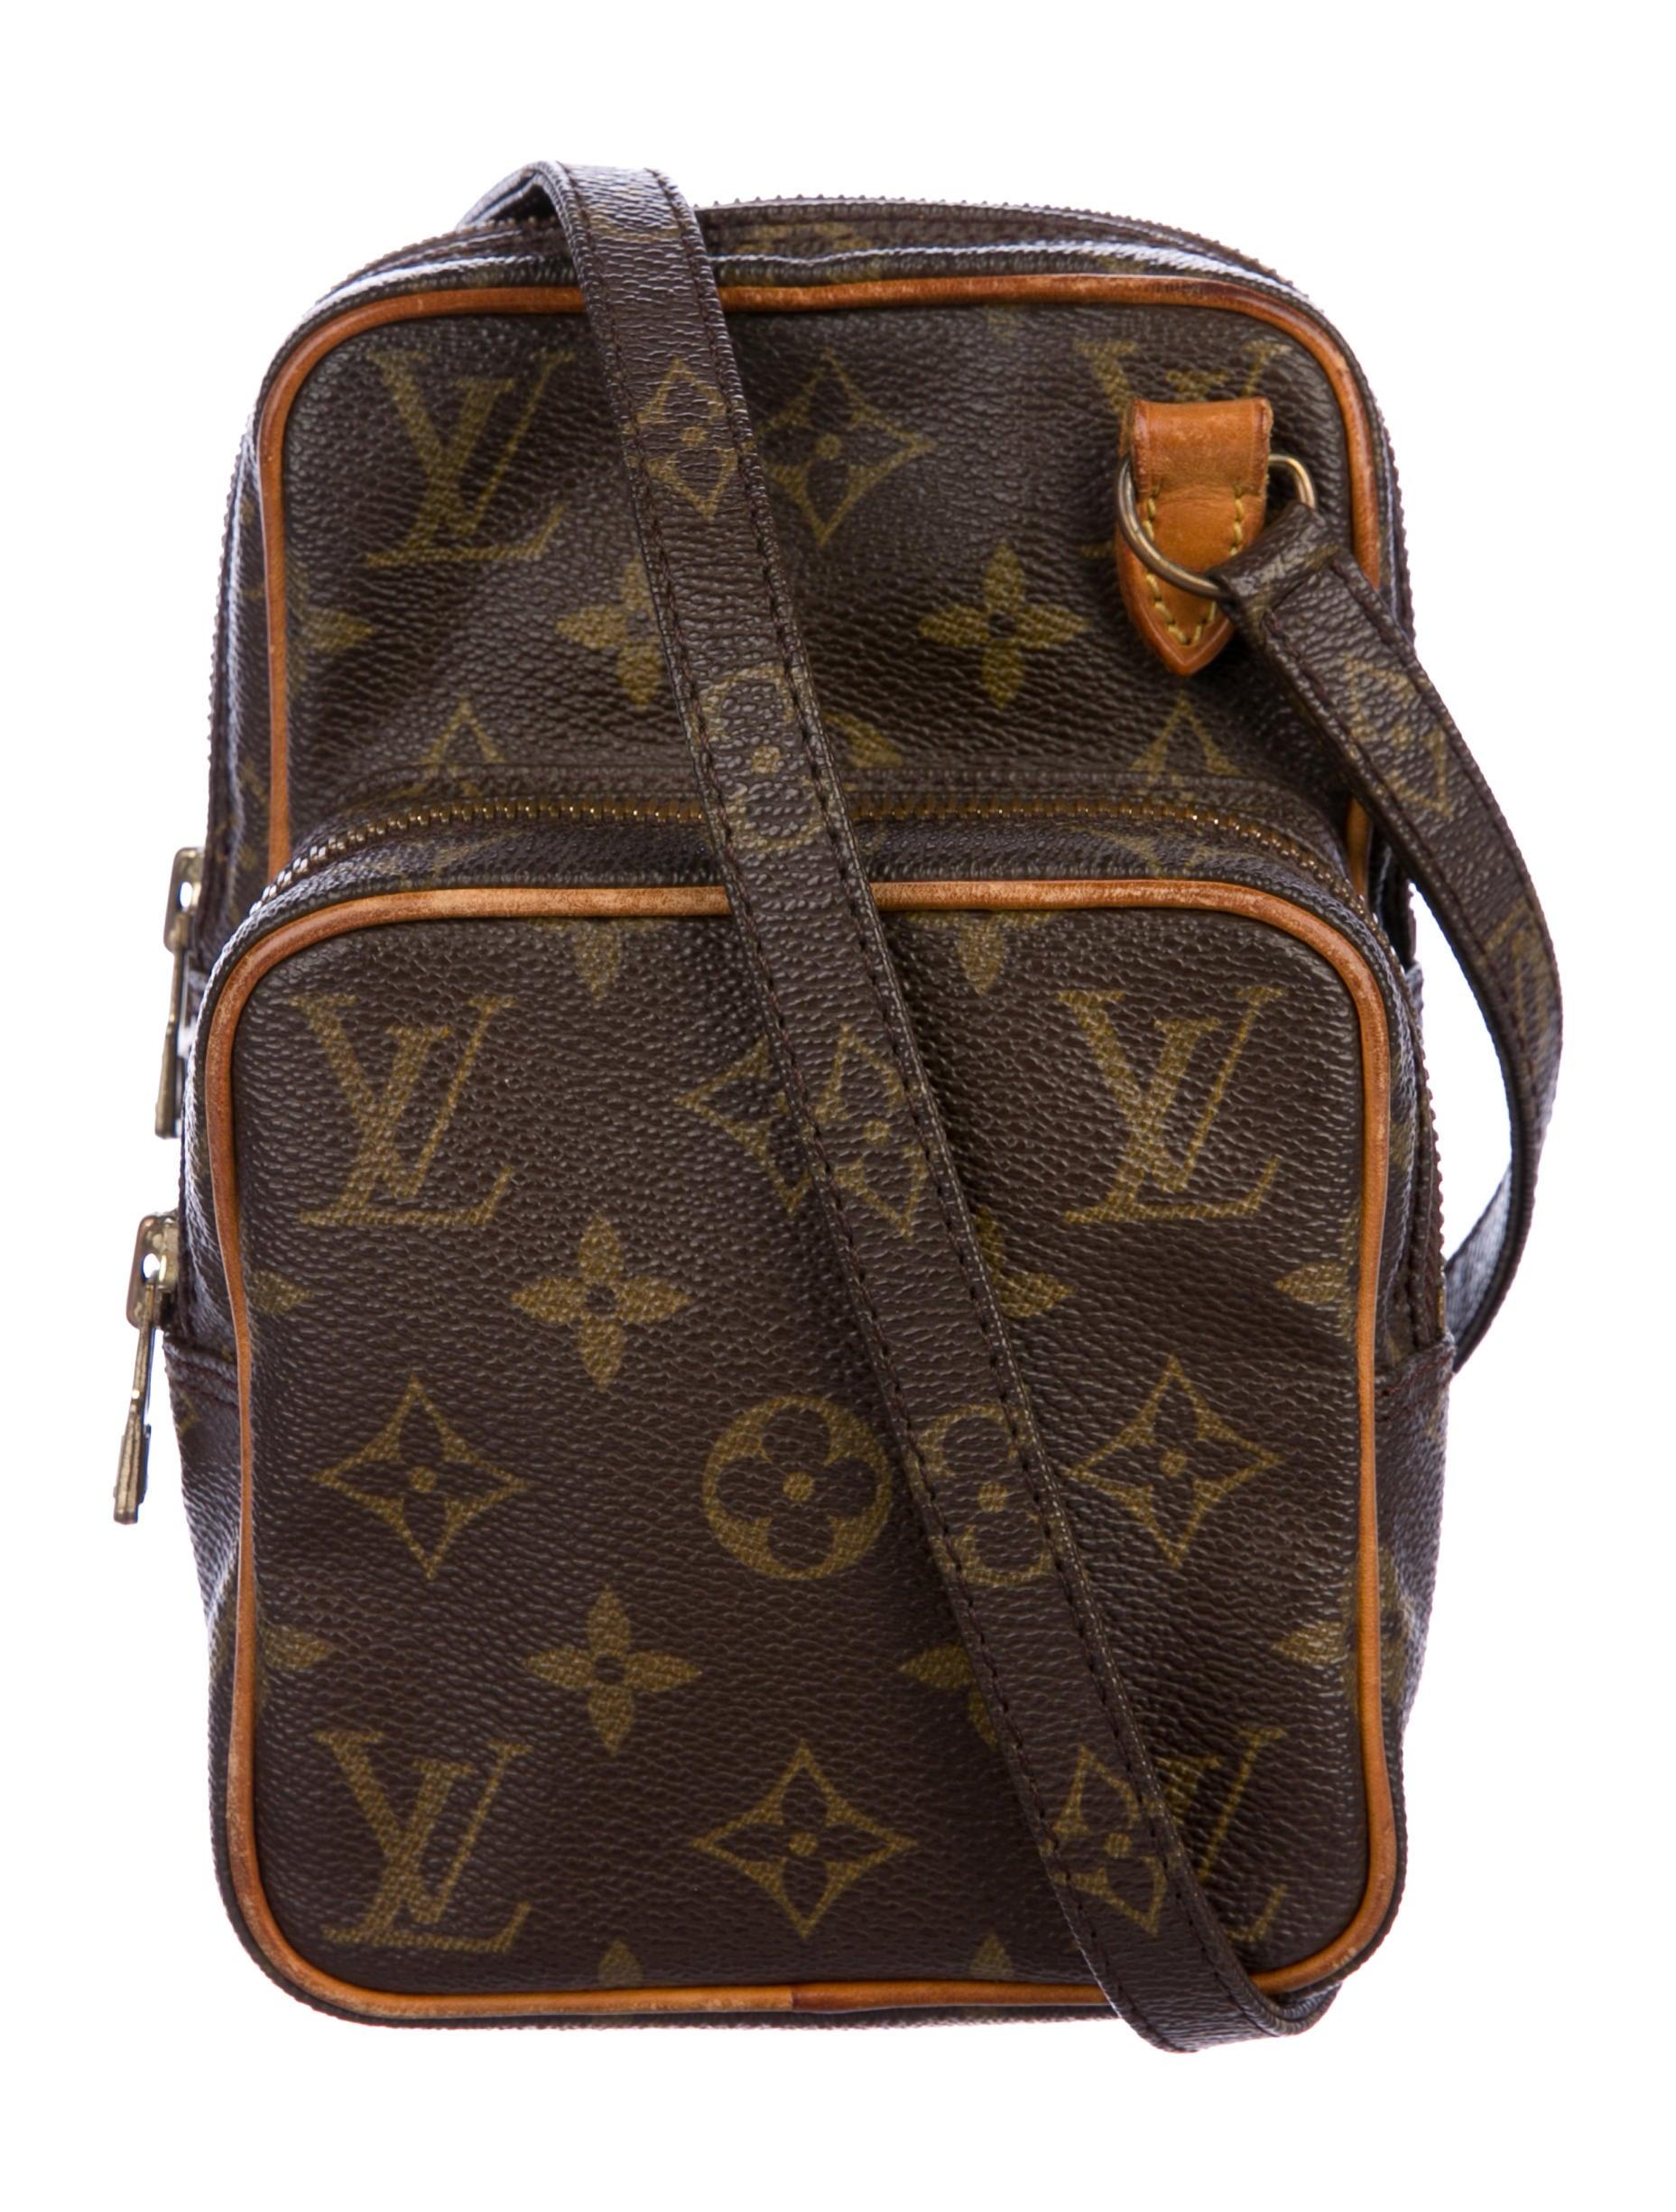 c872846c8605 Louis Vuitton Monogram Mini Danube Bag - Handbags - LOU62462